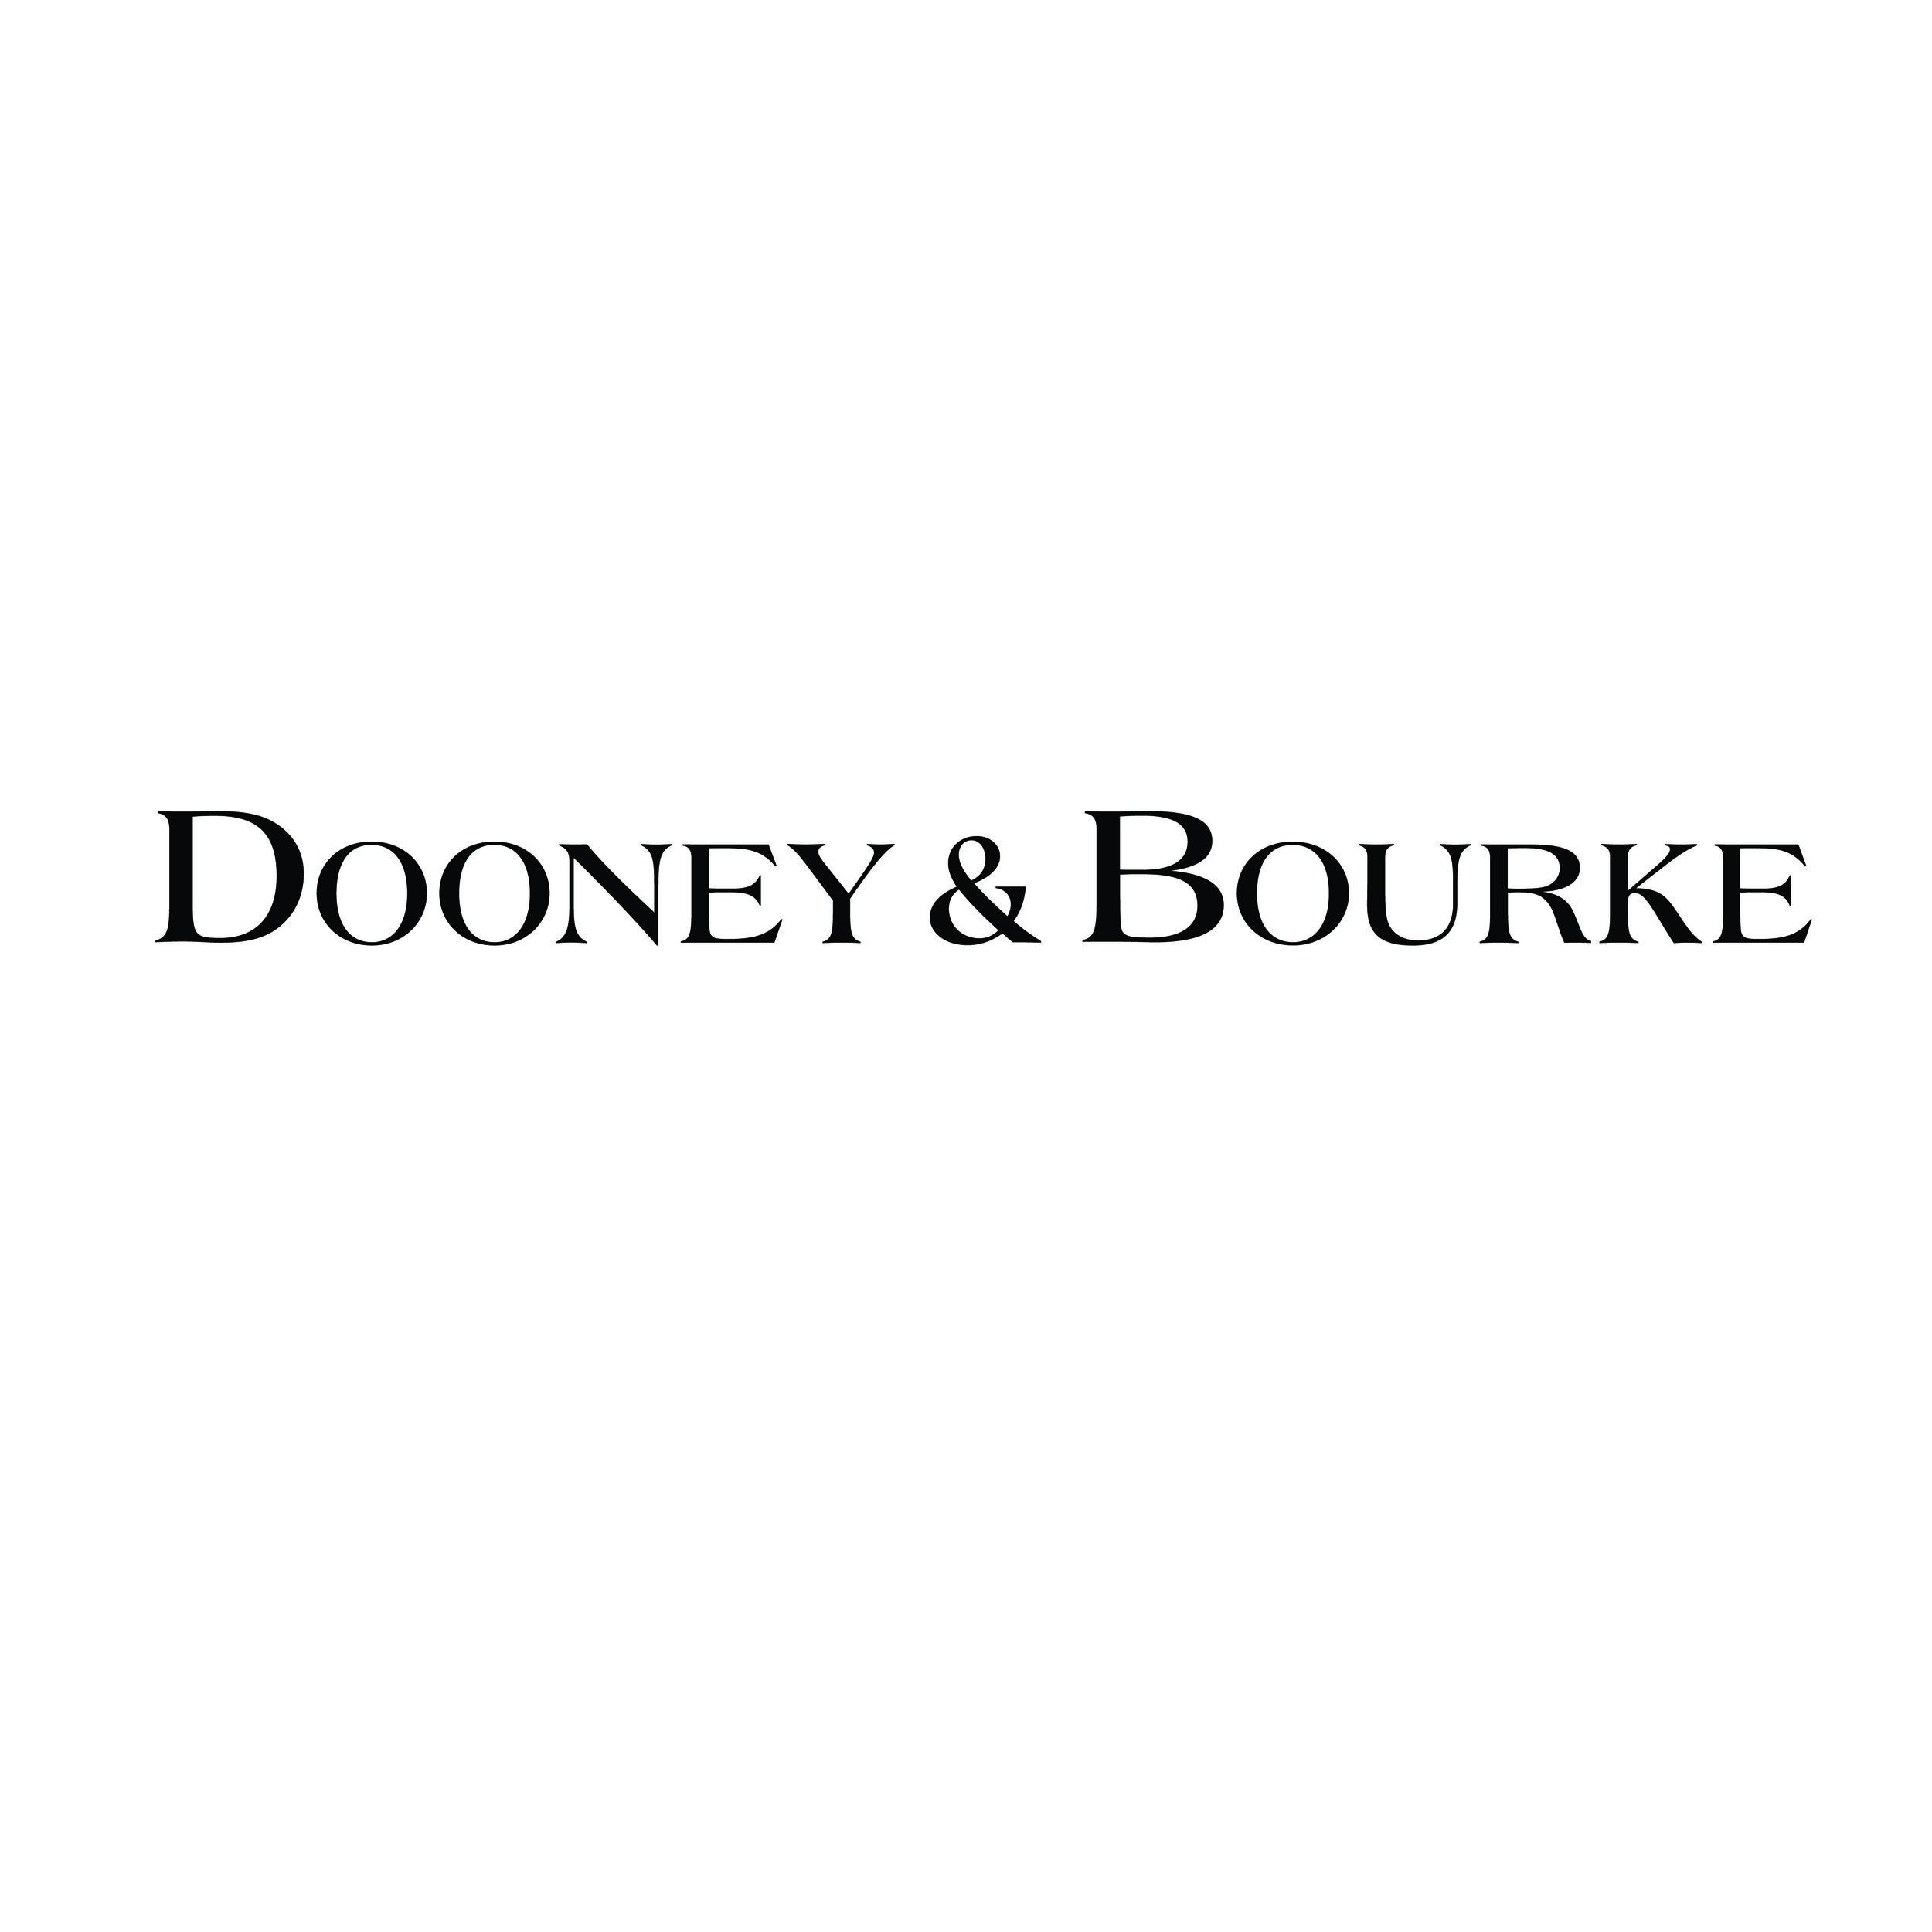 dooney and bourke.jpg